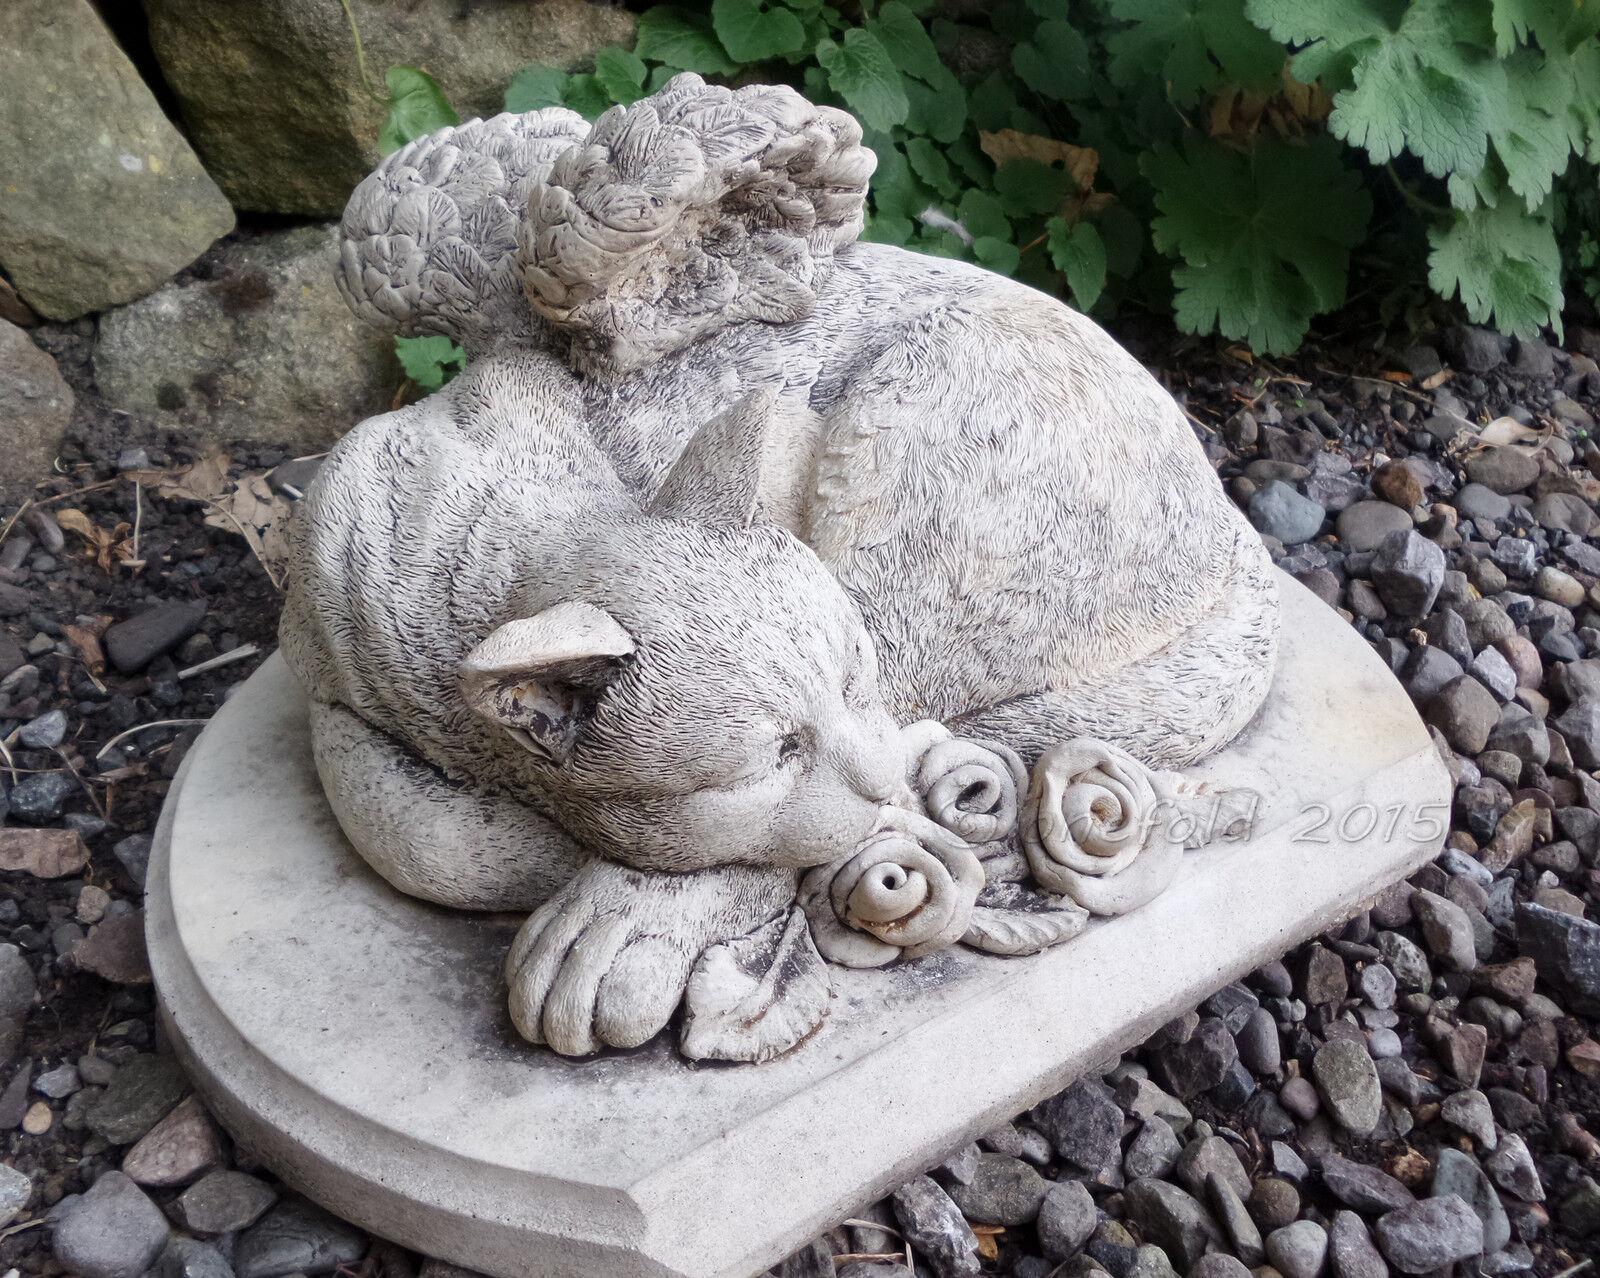 CAT Memoriale Tomba PENNARELLO CAST a Mano Decorazione Giardino Pietra Statua ⧫ ONEFOLD-UK